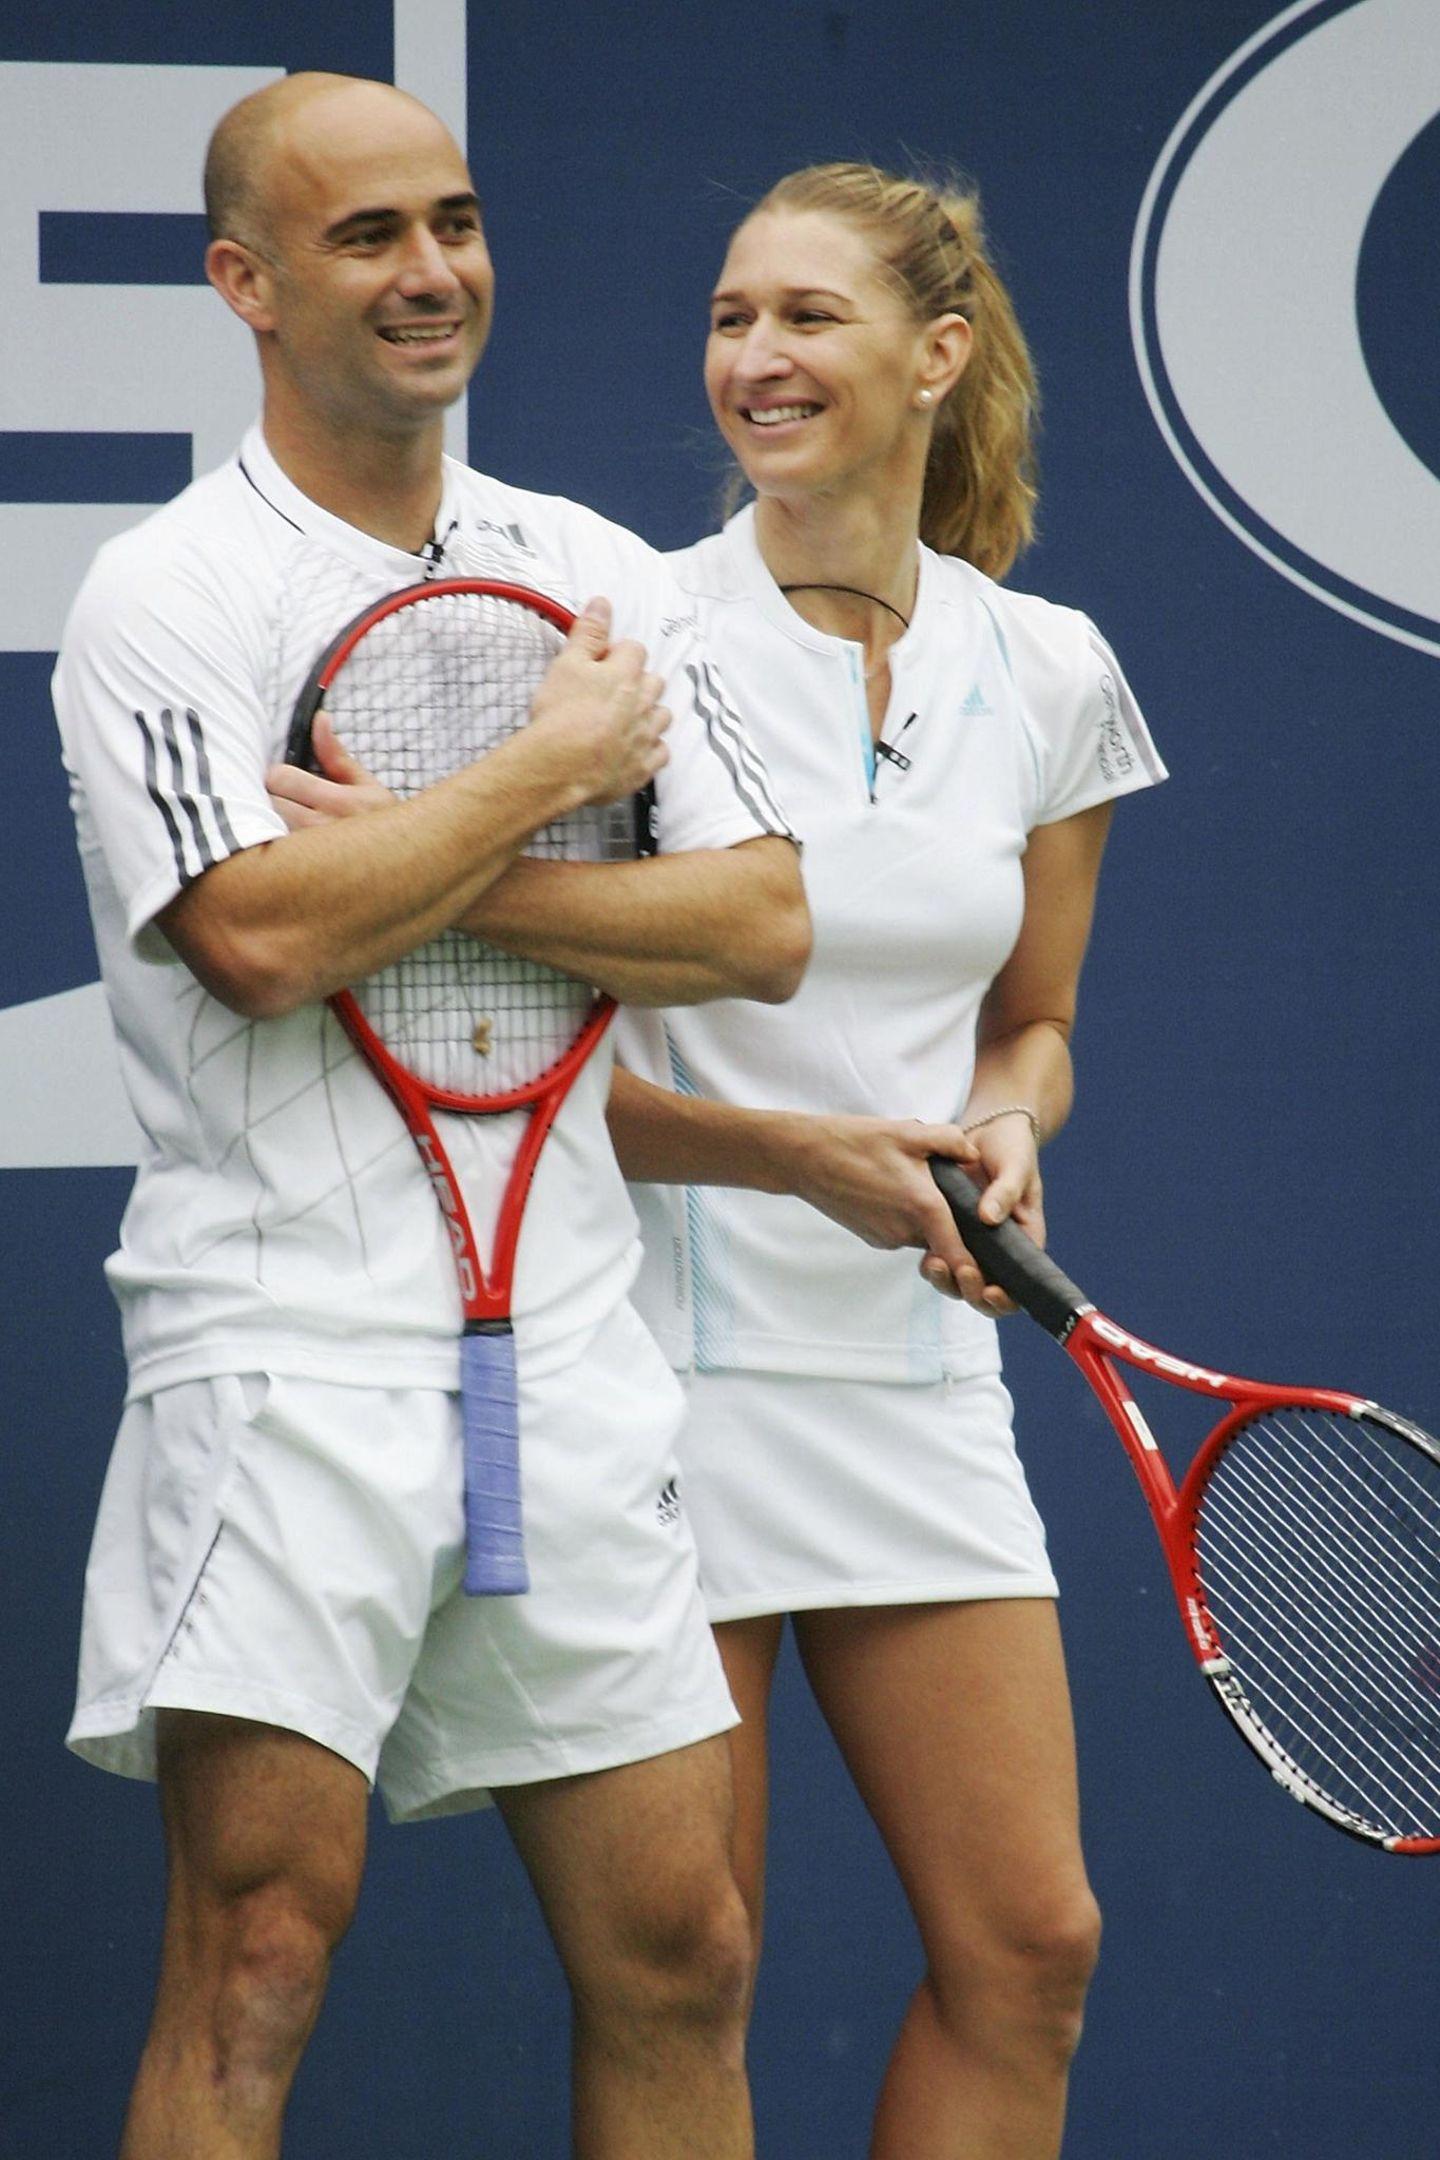 Für Wohltätigkeitsveranstaltungen zeigen sich Andre und Steffi auch mehrfach gemeinsam auf dem Tennisplatz (hier im August 2006 in New York).